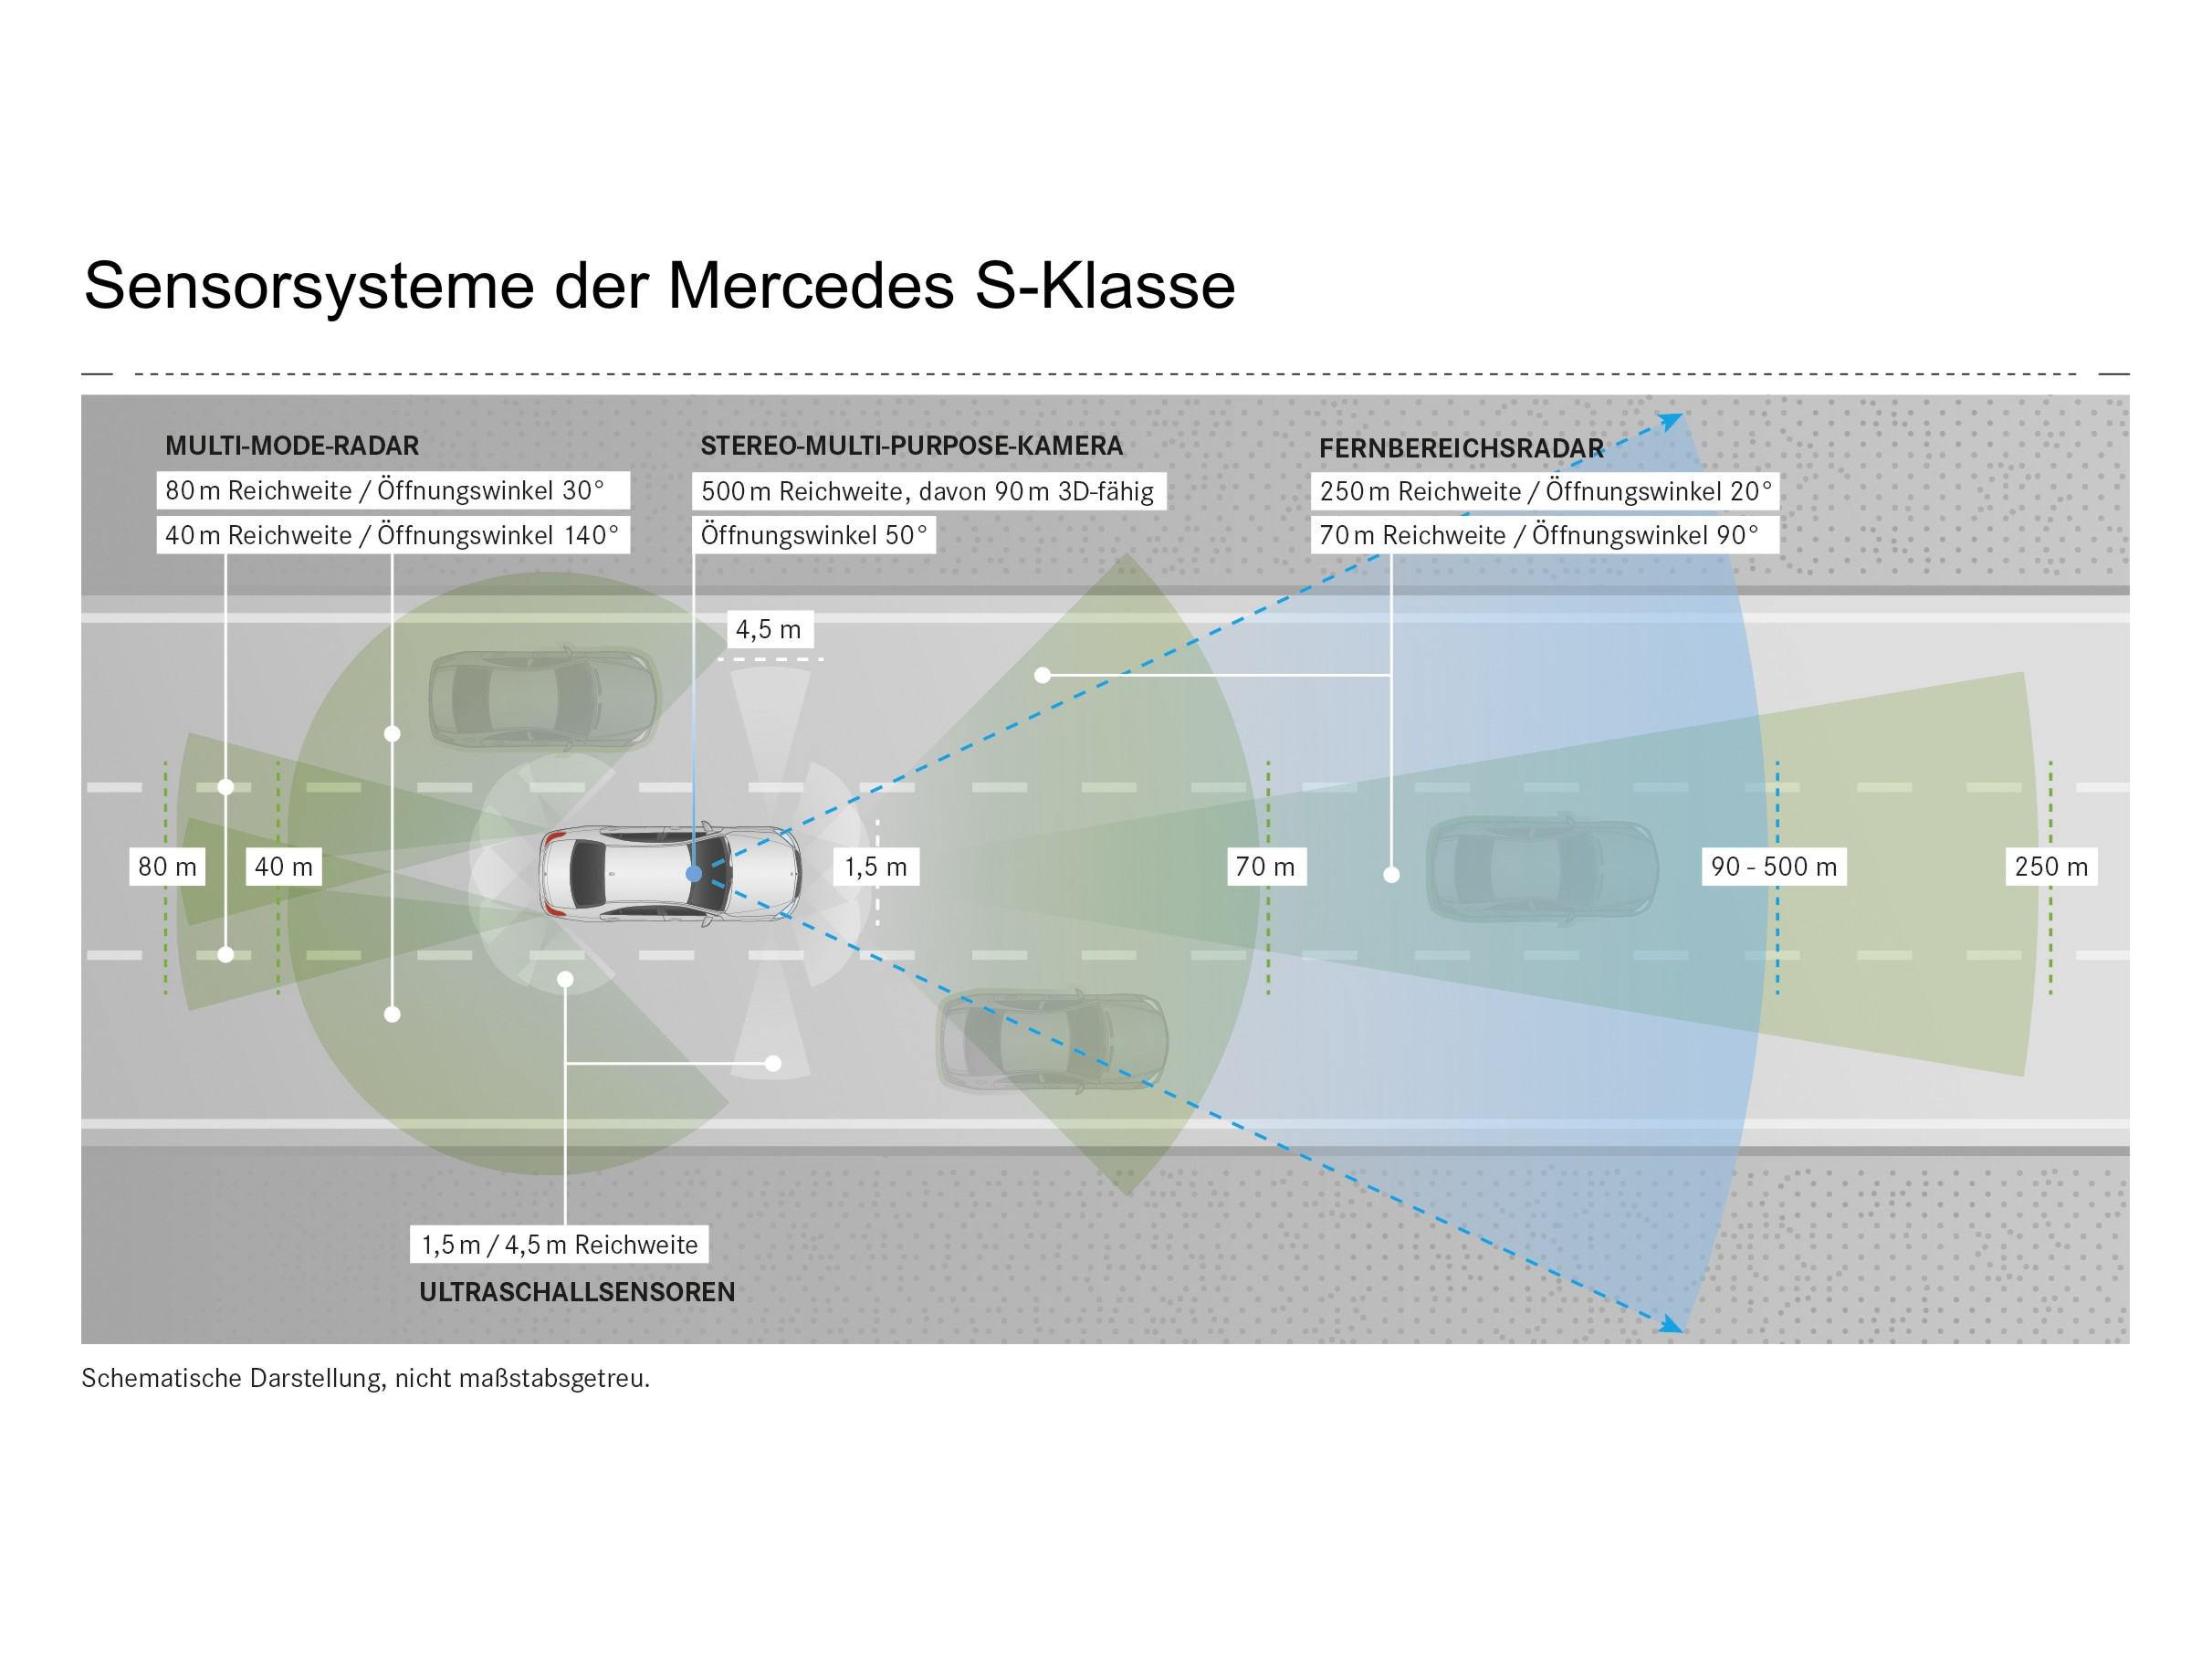 Mercedes S-Klasse im Test: Das selbstfahrende Auto ist schon sehr nahe - Die Sensorausstattung entspricht derjenigen der E-Klasse, soll im Detail aber verbessert worden sein. (Grafik: Daimler)